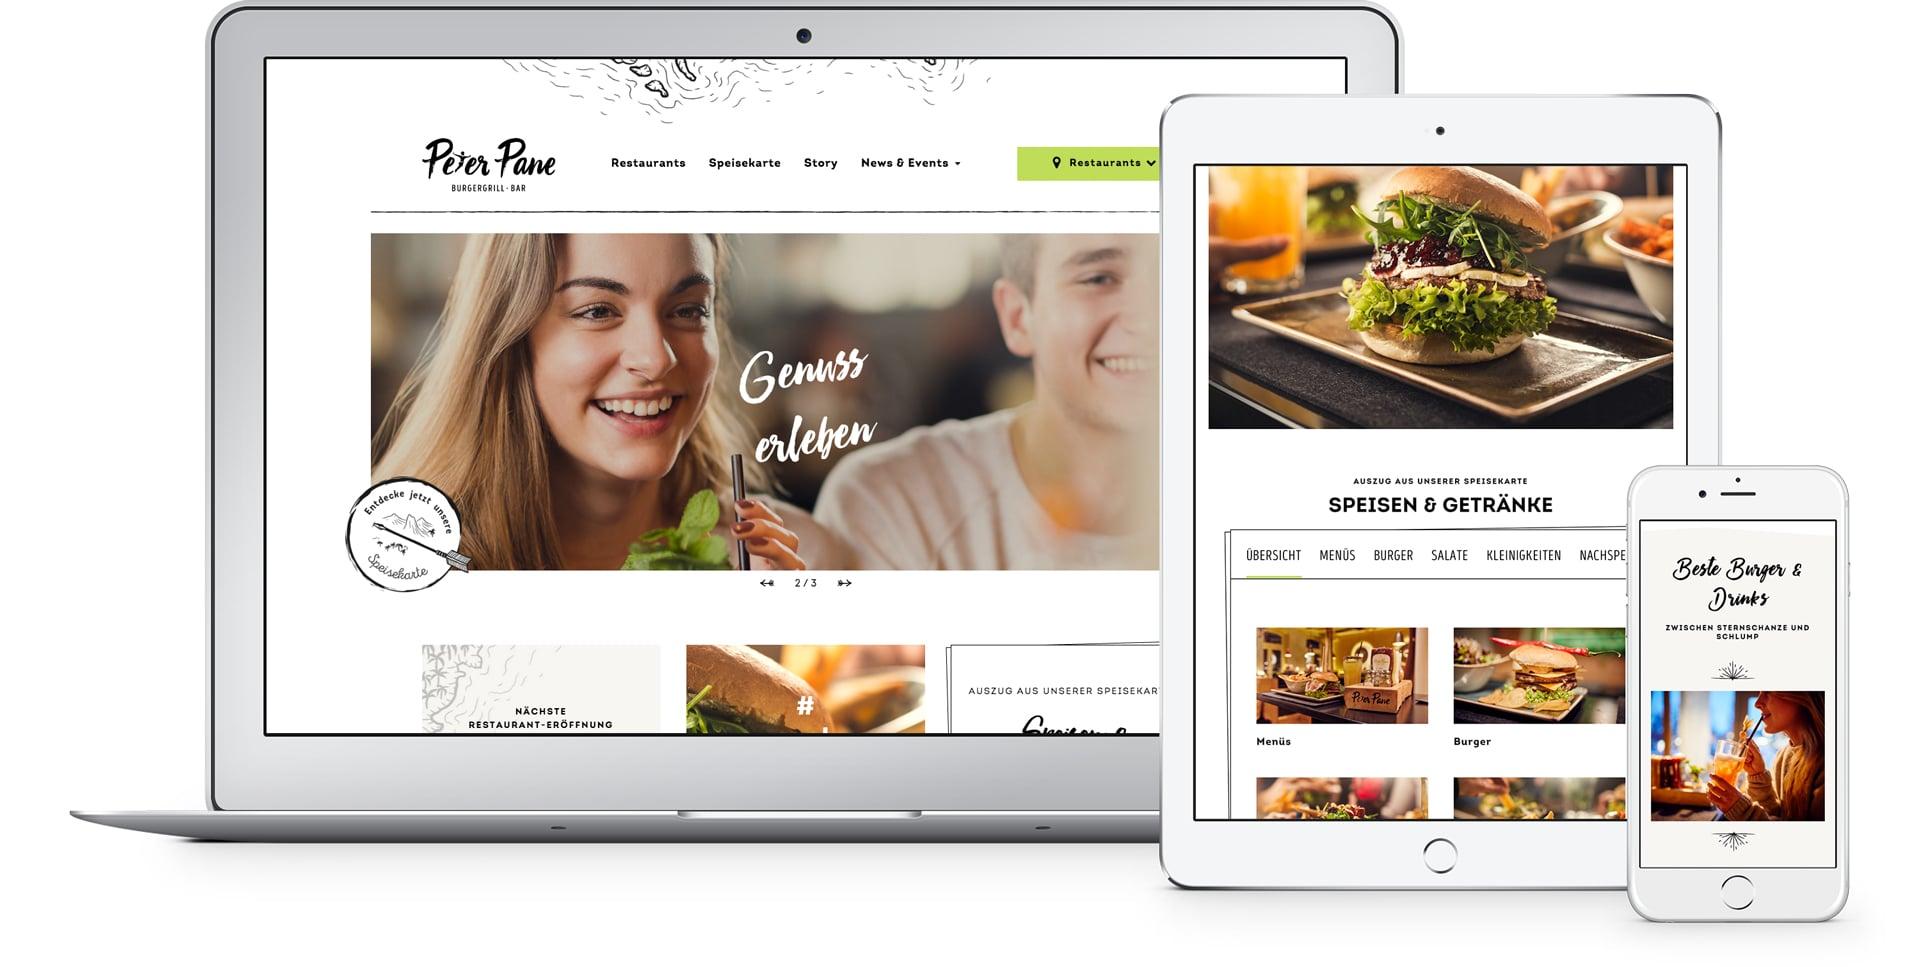 Darstellung der Website von Peter Pane Burgergrill und Bar auf verschiedenen Geräten